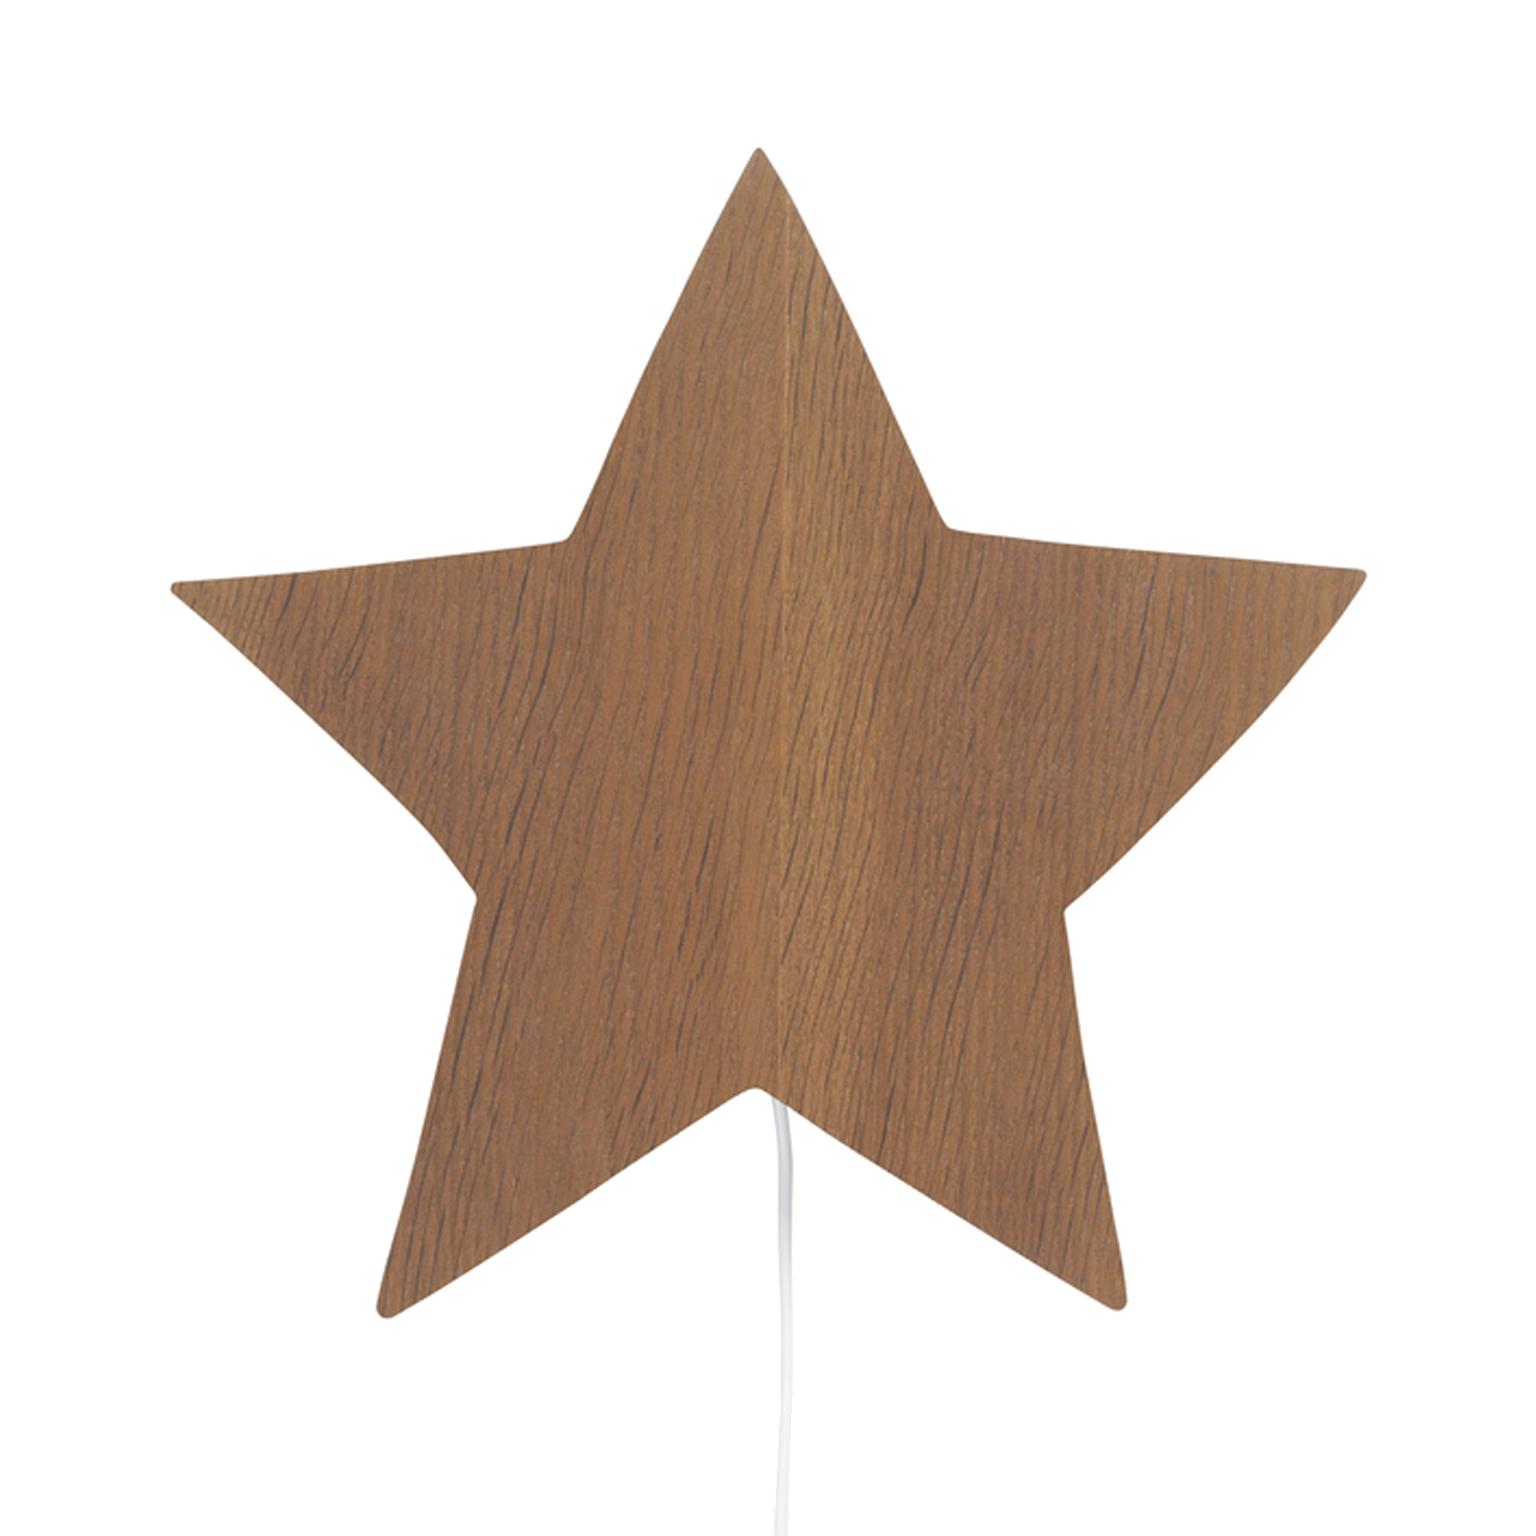 Væglampe - Stjerne - Smoked oak